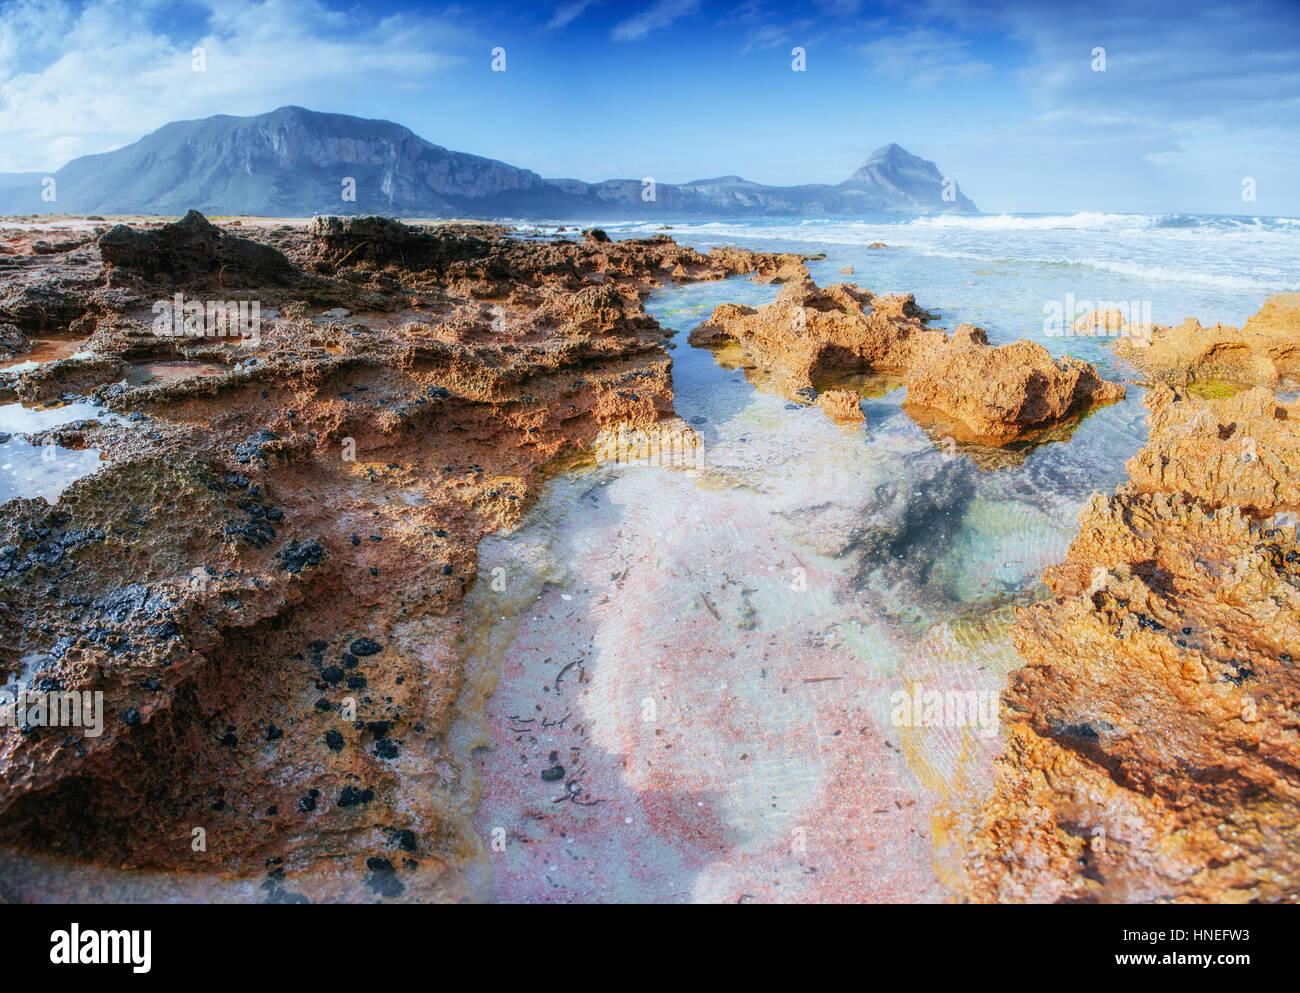 Panorama de primavera de la ciudad de la costa del mar Trapany. Sicilia, Italia, Europa Imagen De Stock